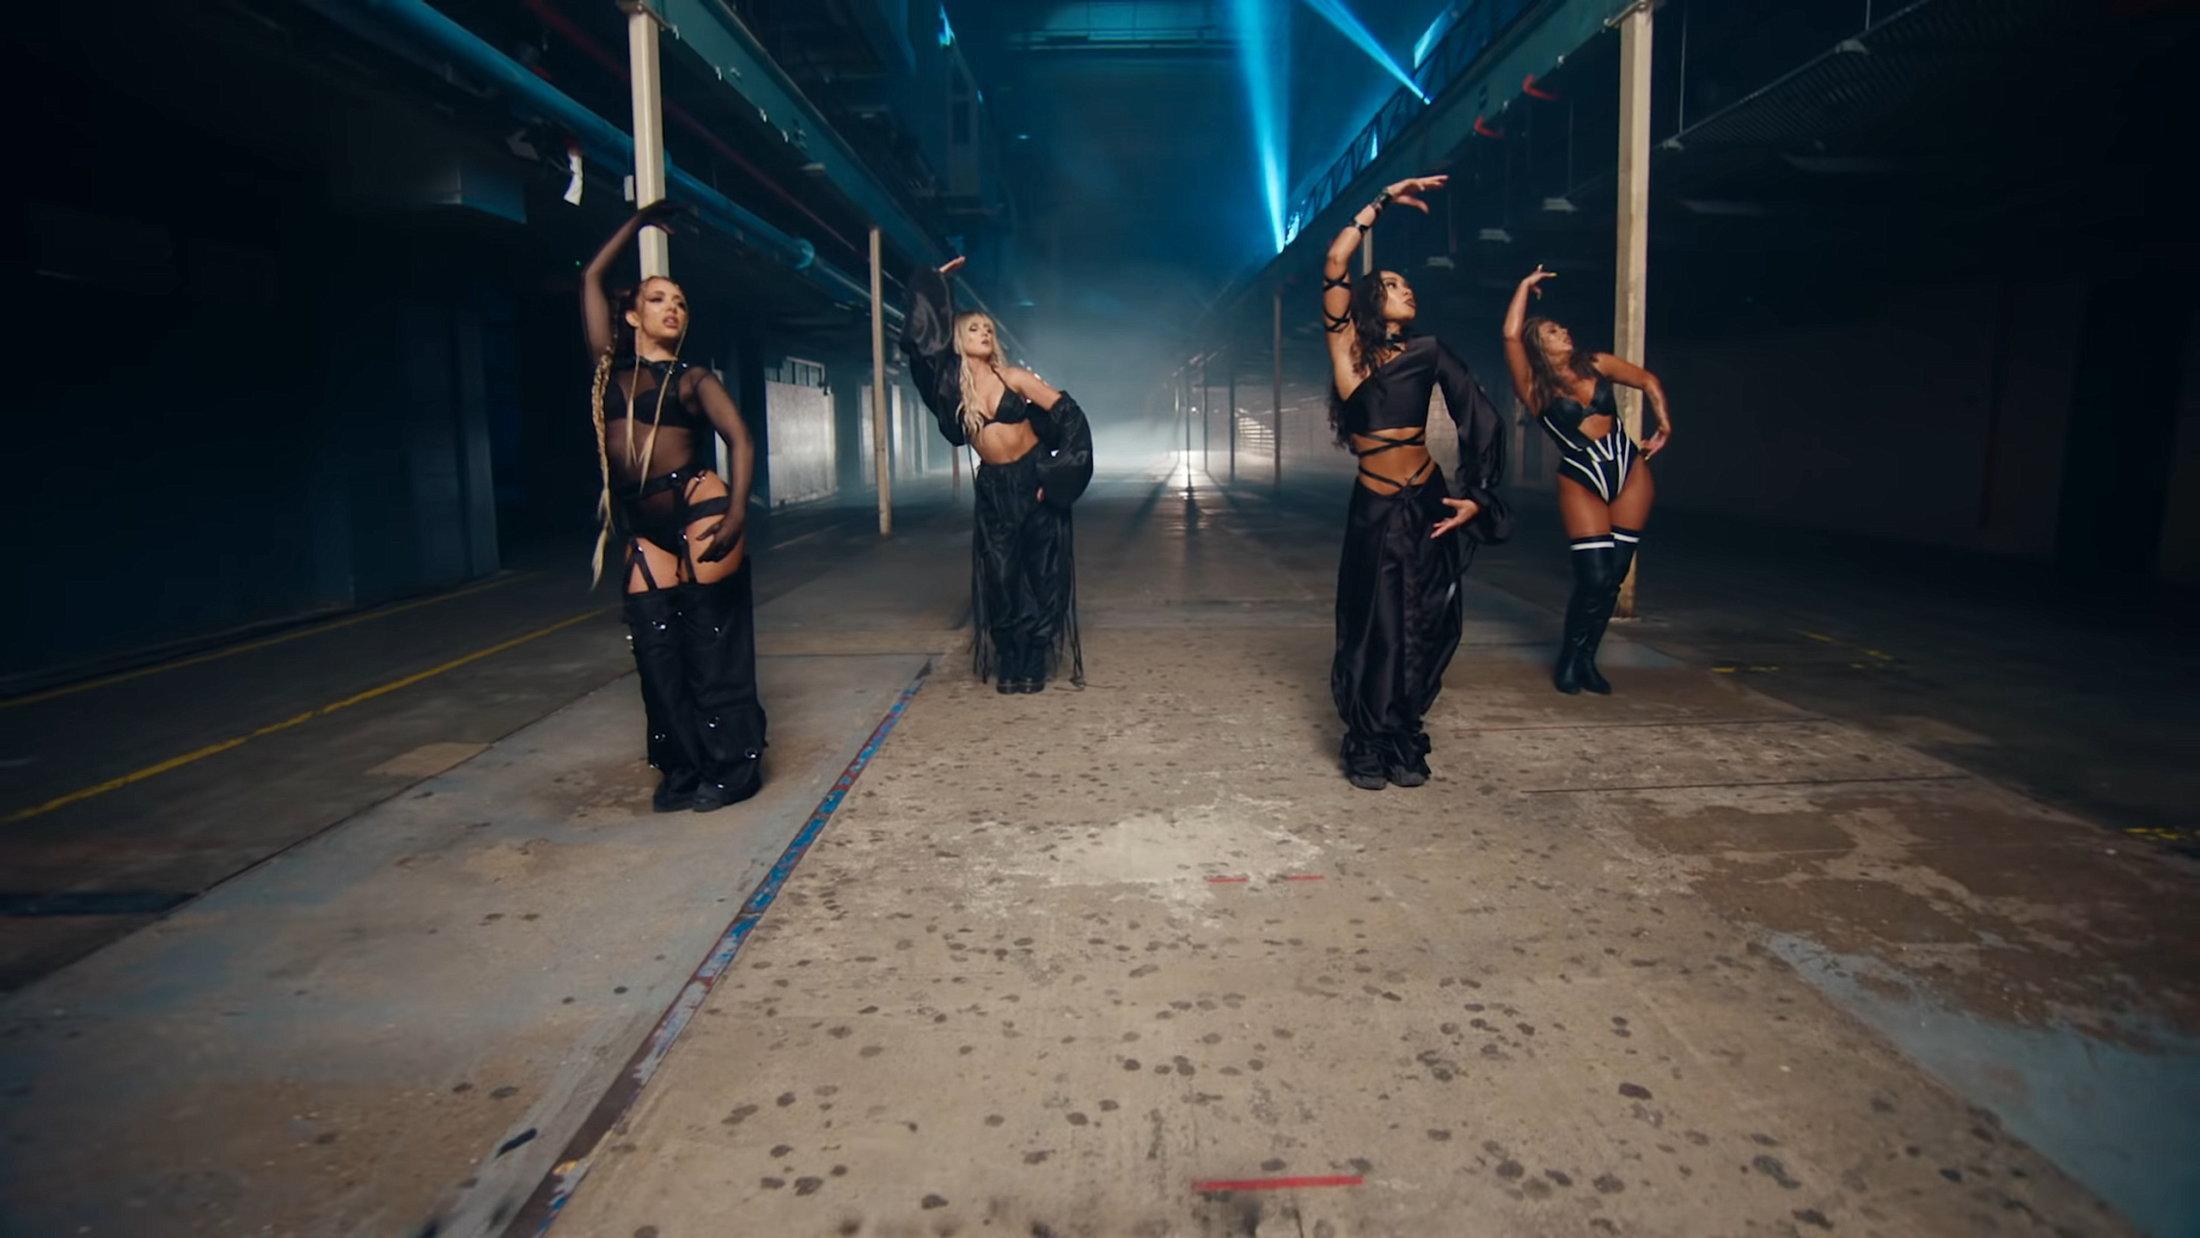 Little Mix - Sweet Melody (Official Video) 0-56 Screenshot